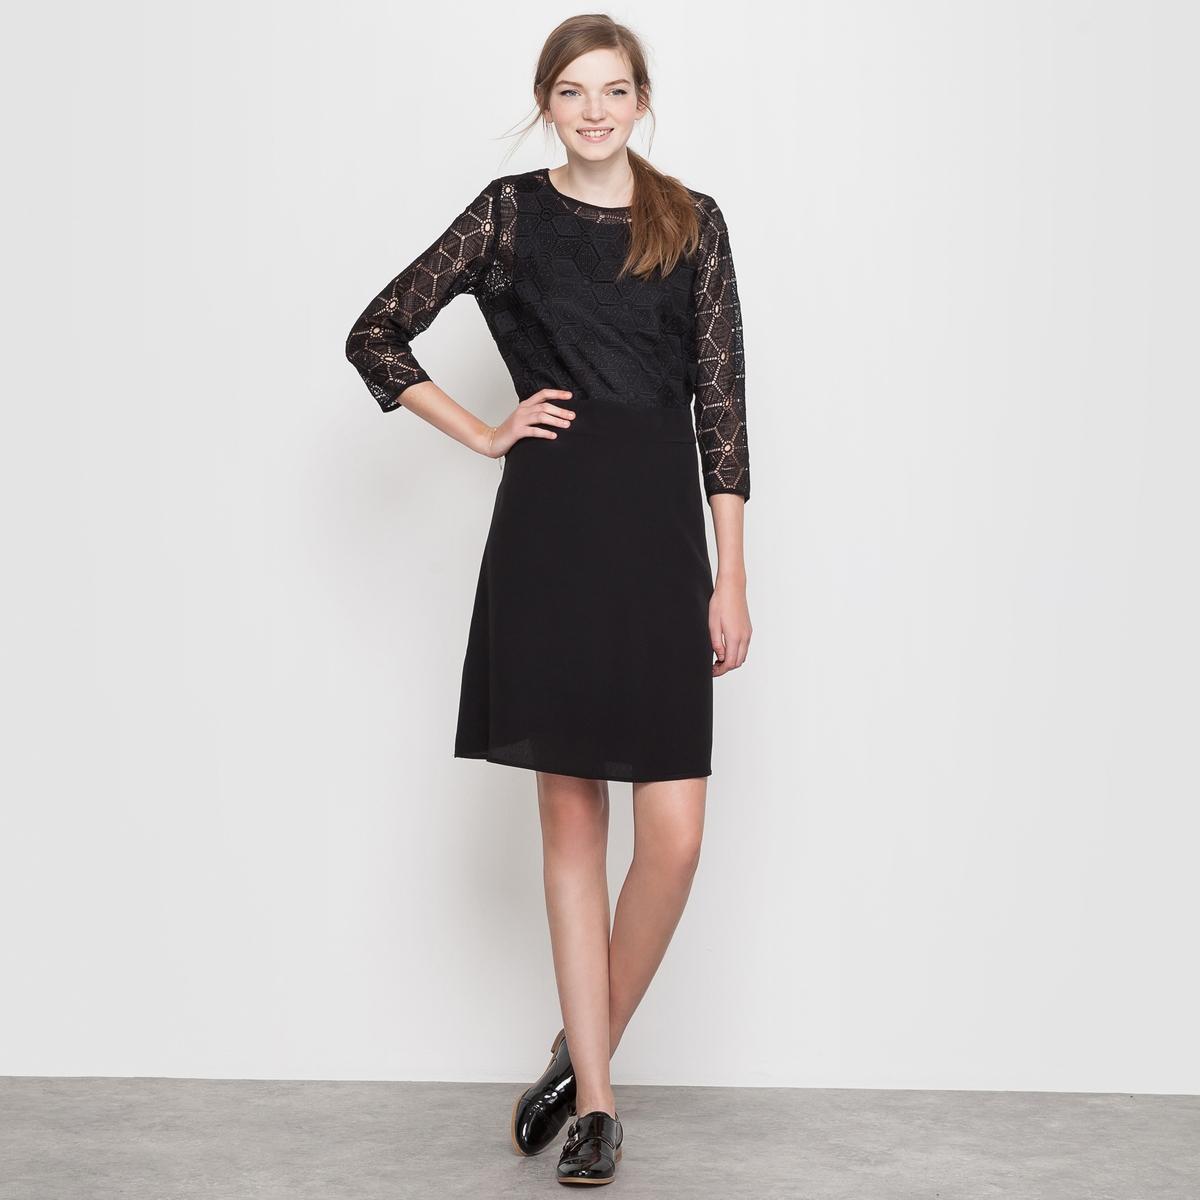 Купить со скидкой Платье из двух материалов, с открытой спиной